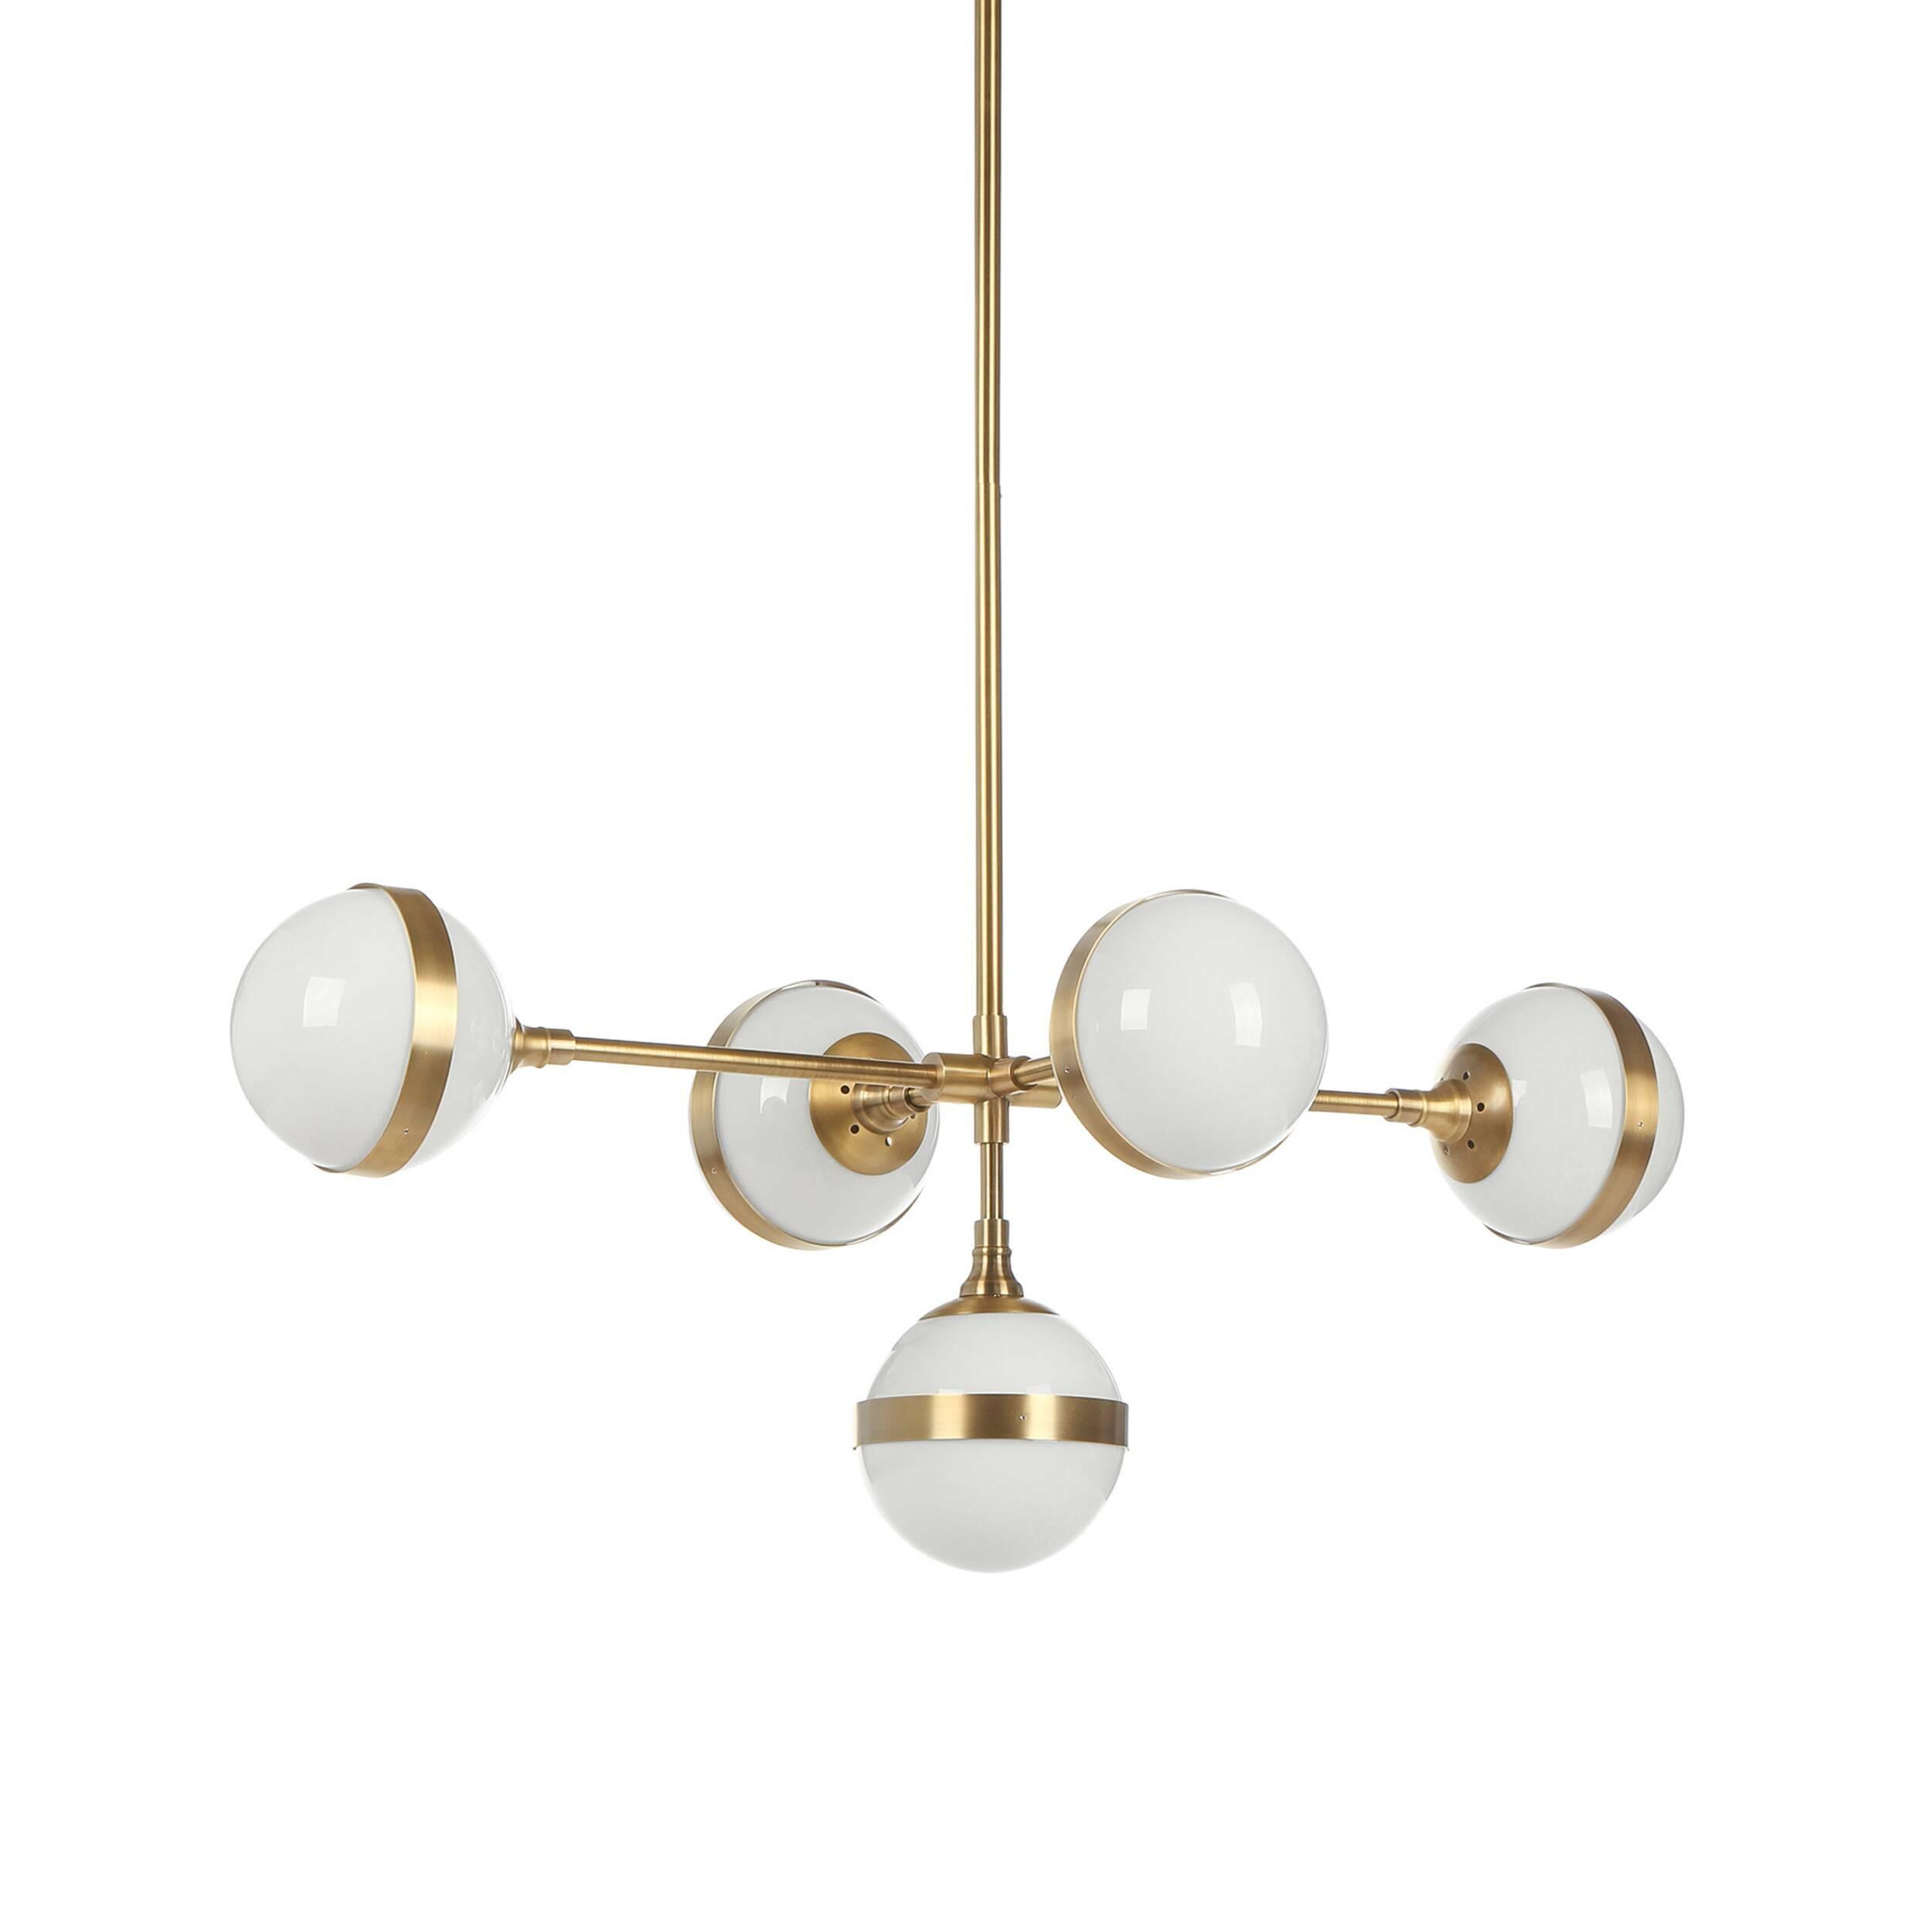 Светильник потолочный Cosmo 15580932 от Cosmorelax